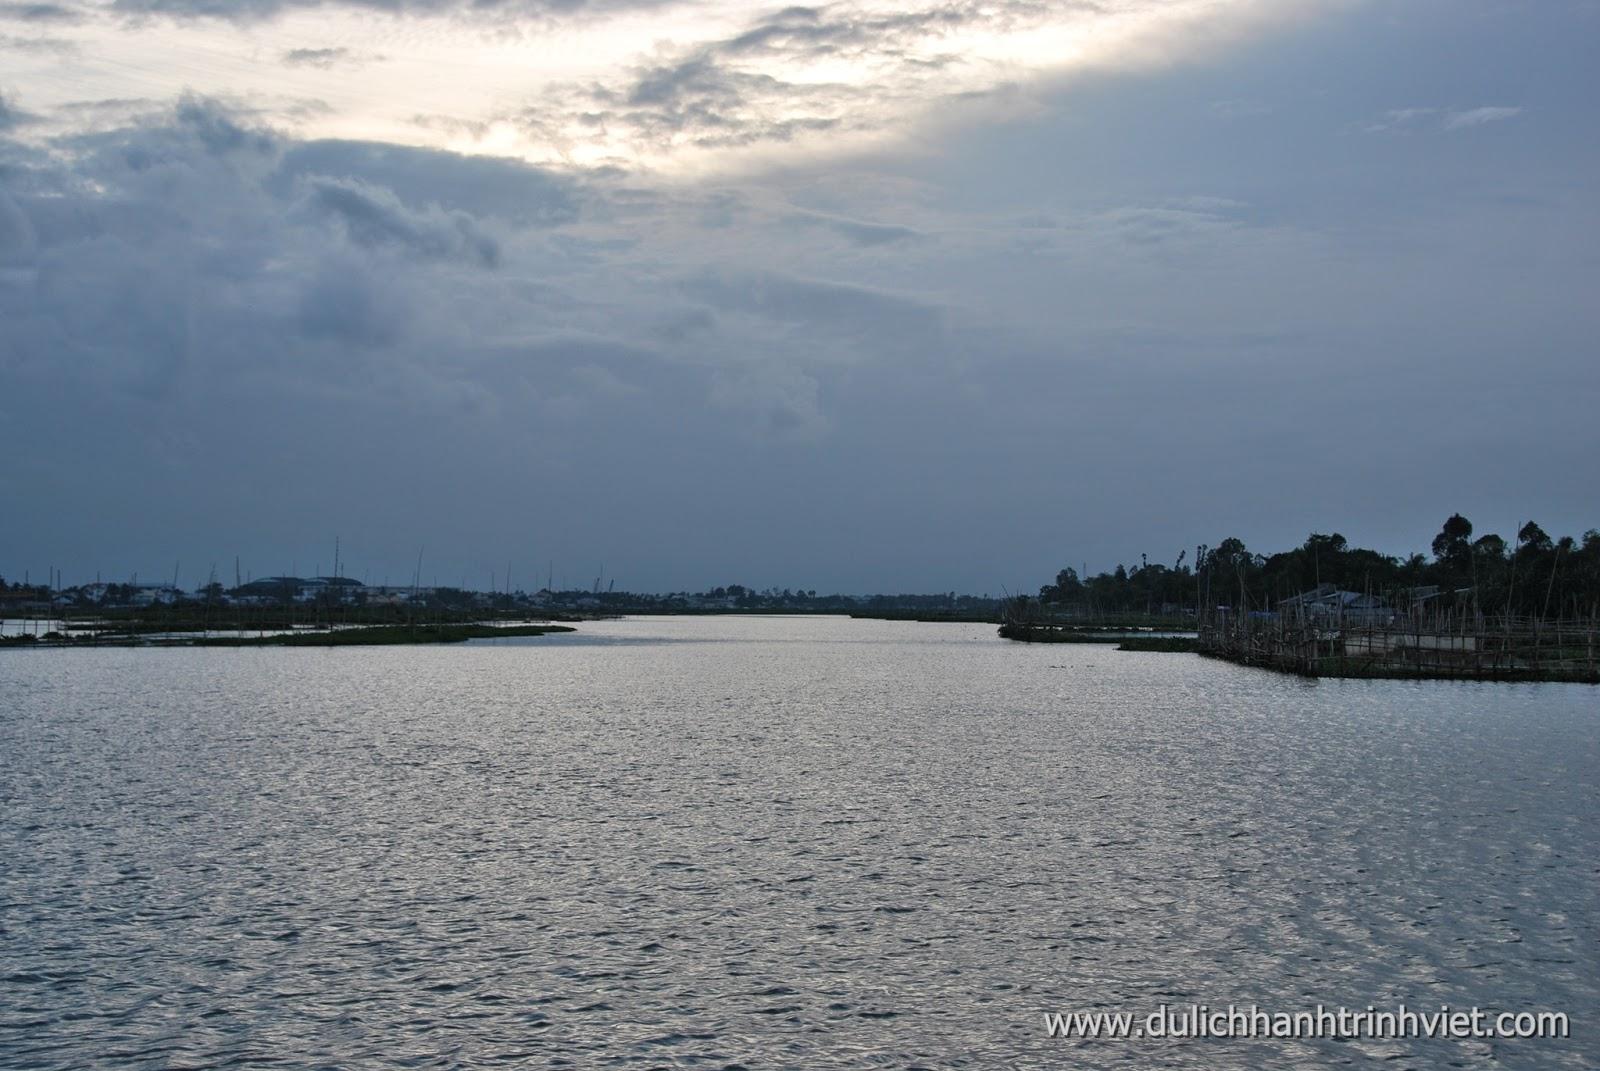 Mênh mông sông nước Hậu Giang, Long Xuyên